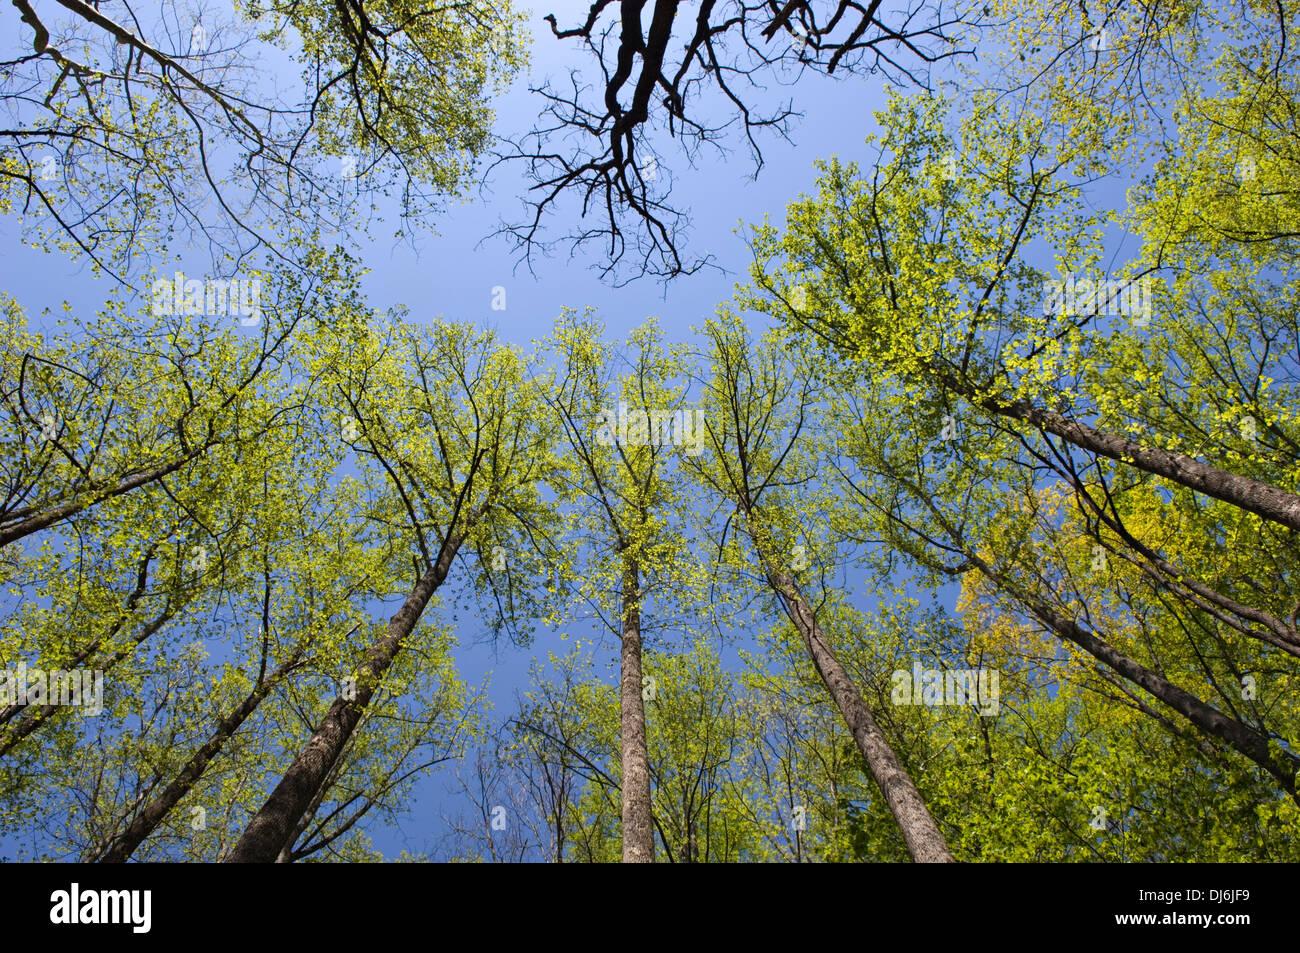 Nouveau ressort les feuilles des arbres le long du sentier de Porter Creek dans le parc national des Great Smoky Mountains du Tennessee Photo Stock